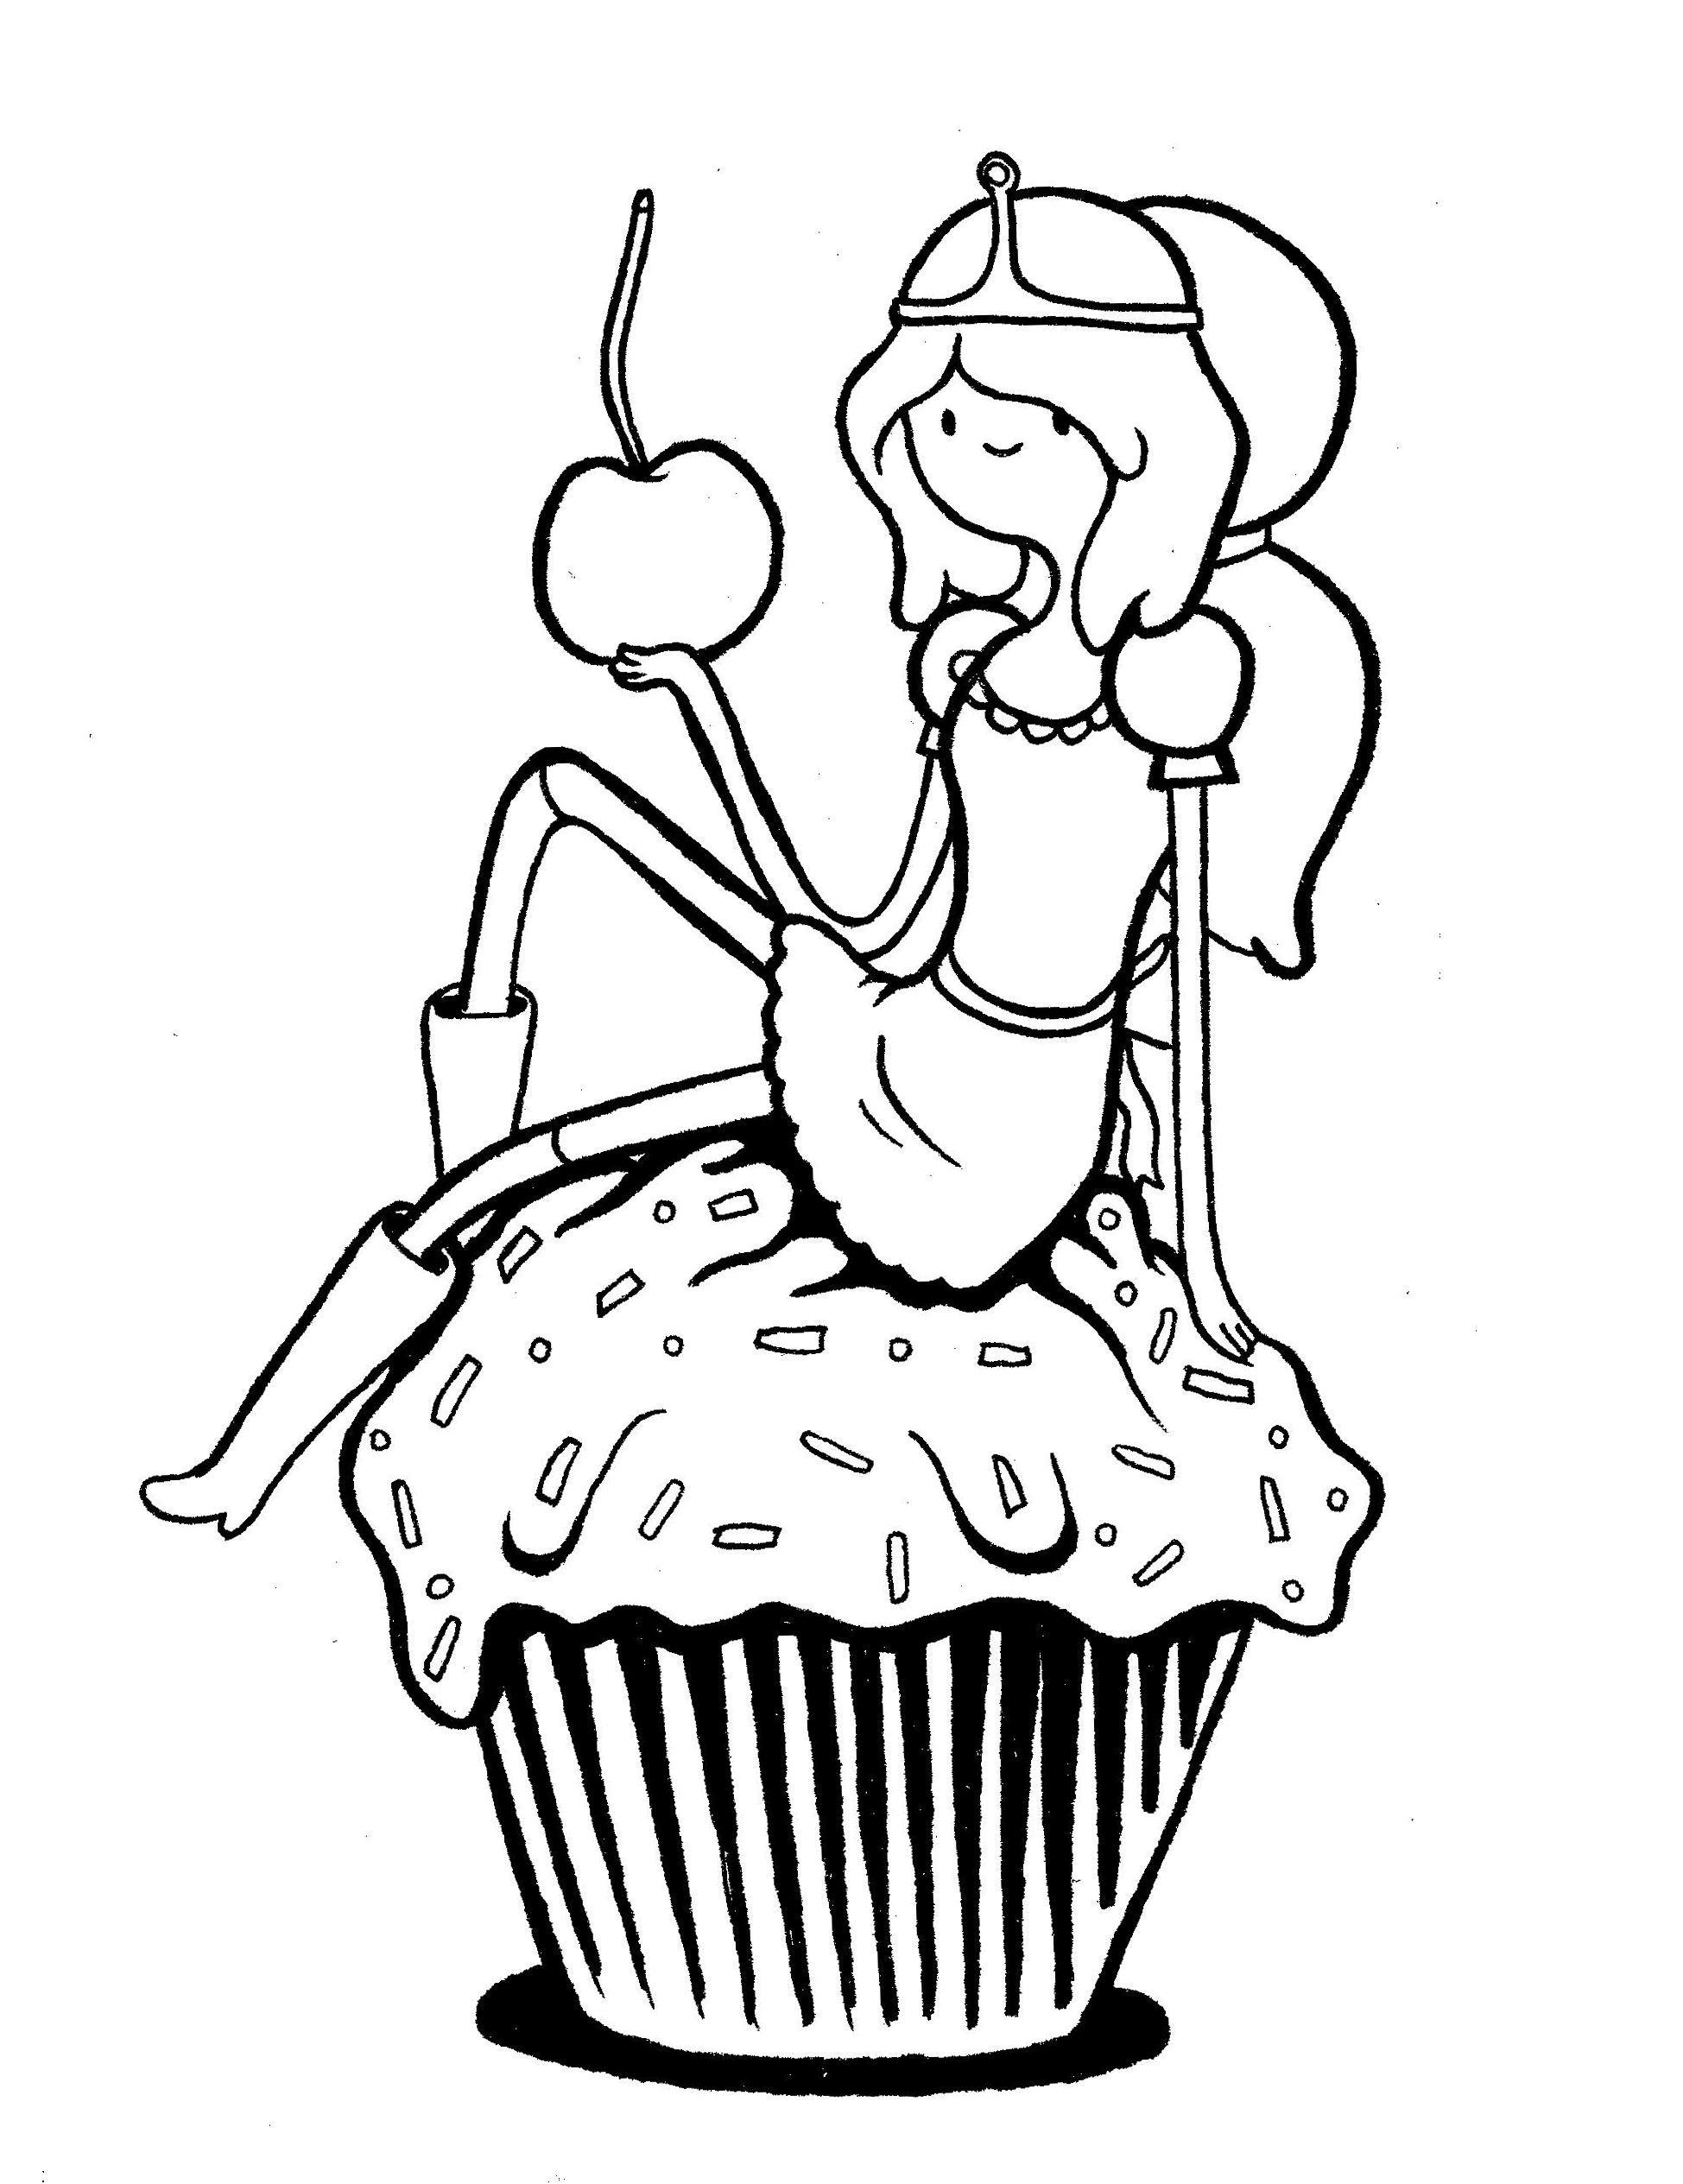 Princess Bubblegum Adventuretime Adventure Time Coloring Pages